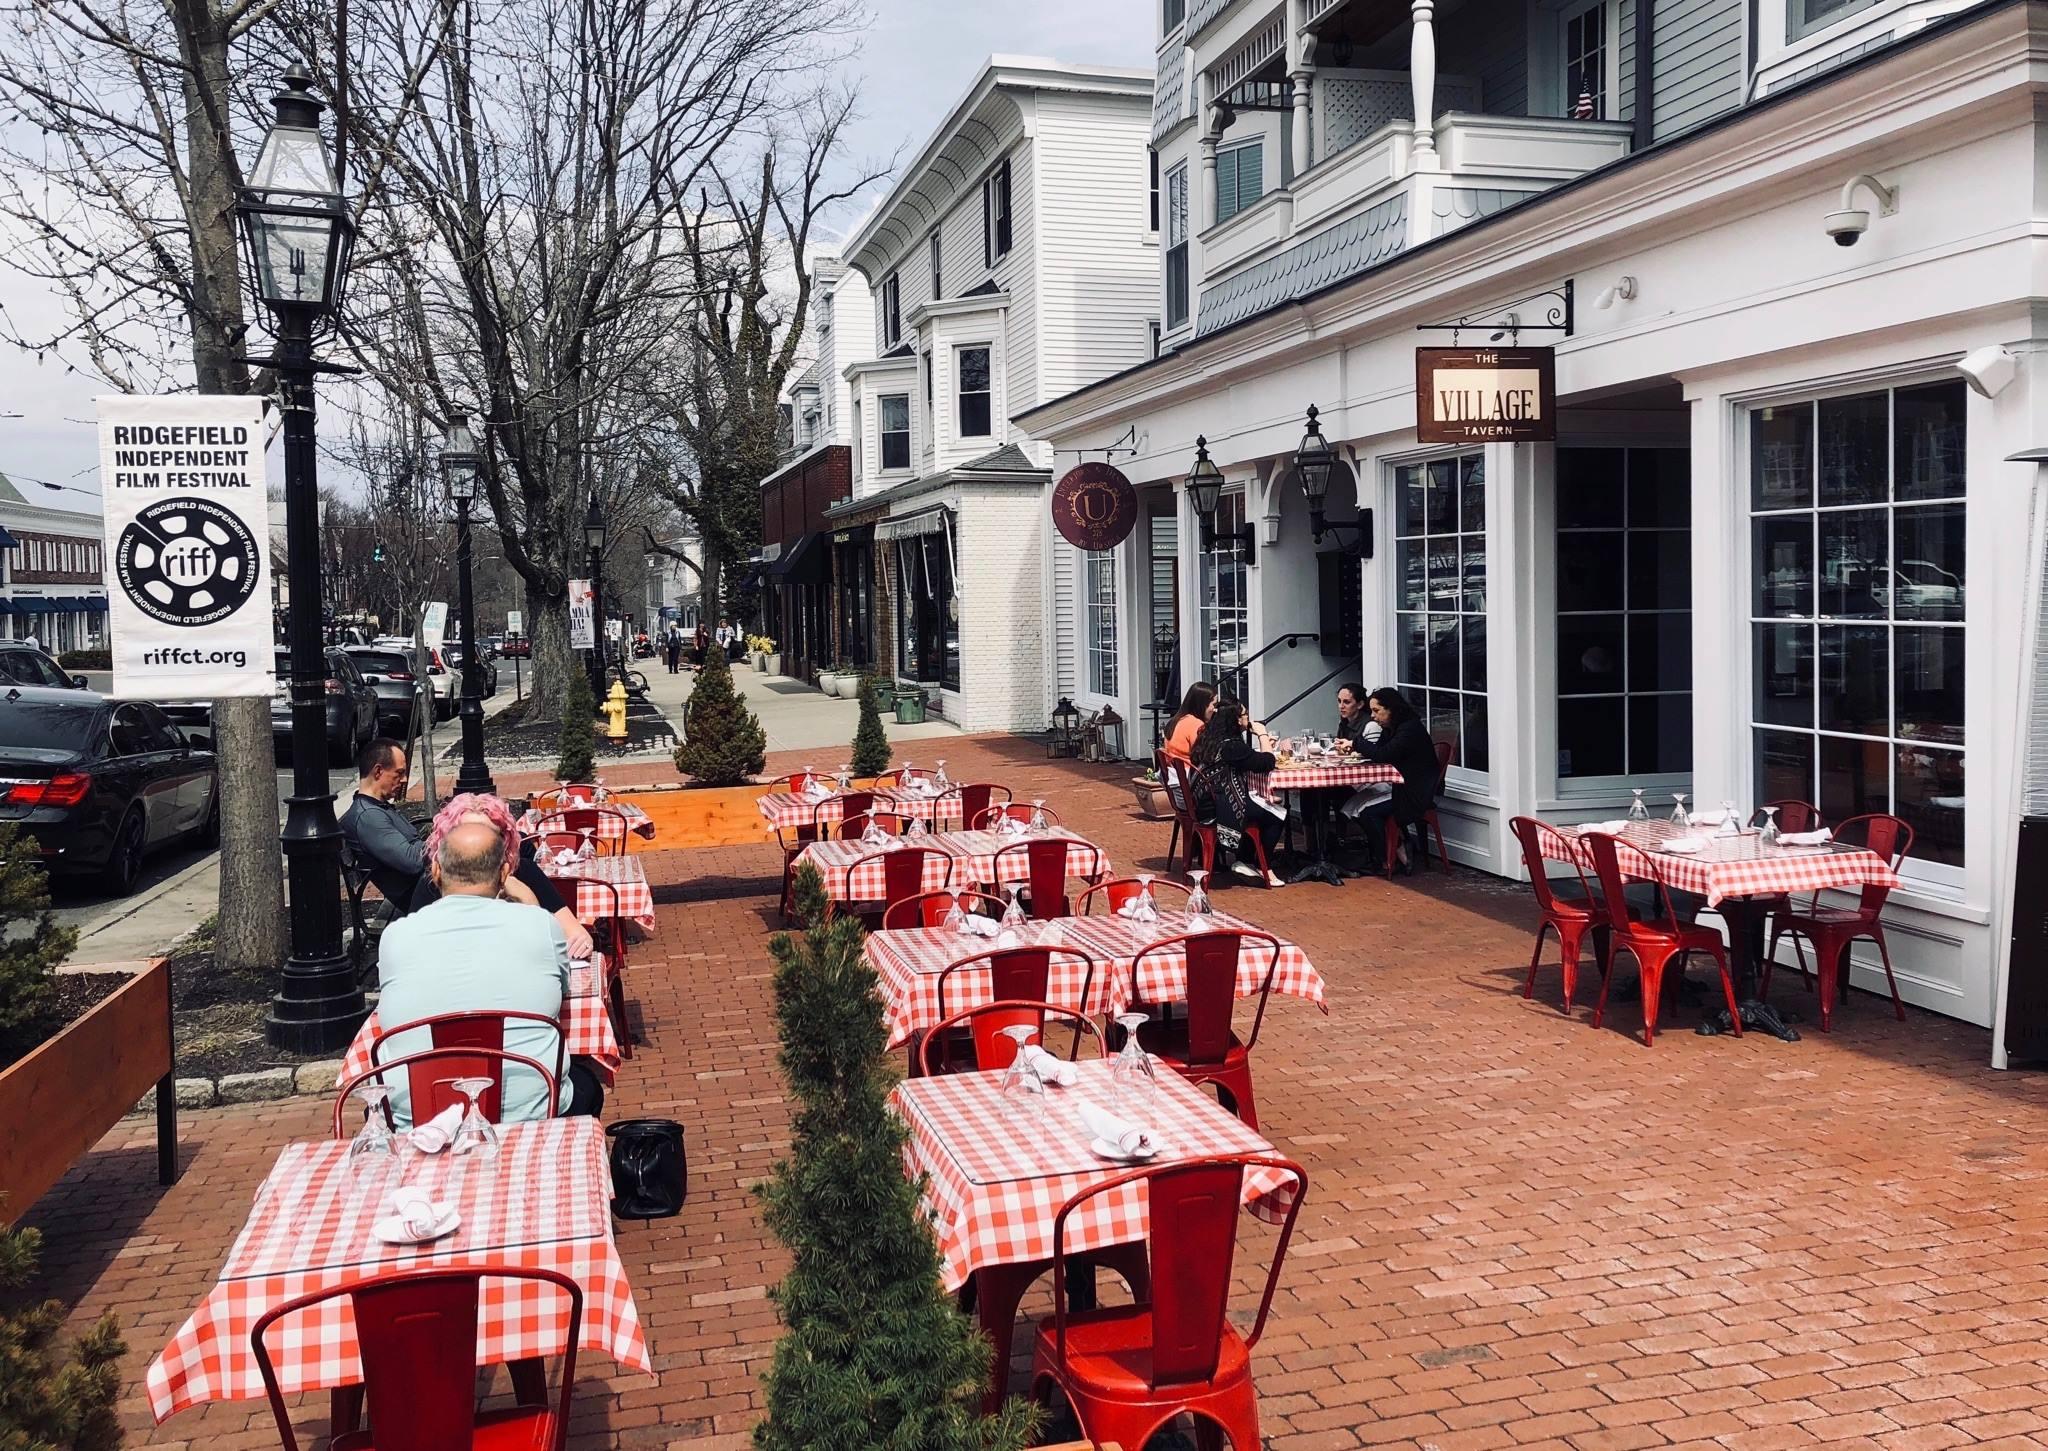 The Village Tavern Ridgefield, CT